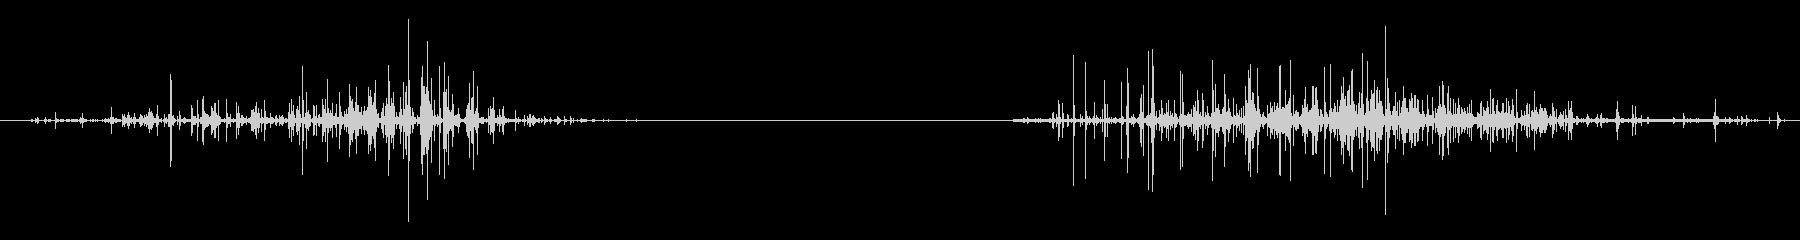 エイリアンの声のスイープ、2回、悪...の未再生の波形